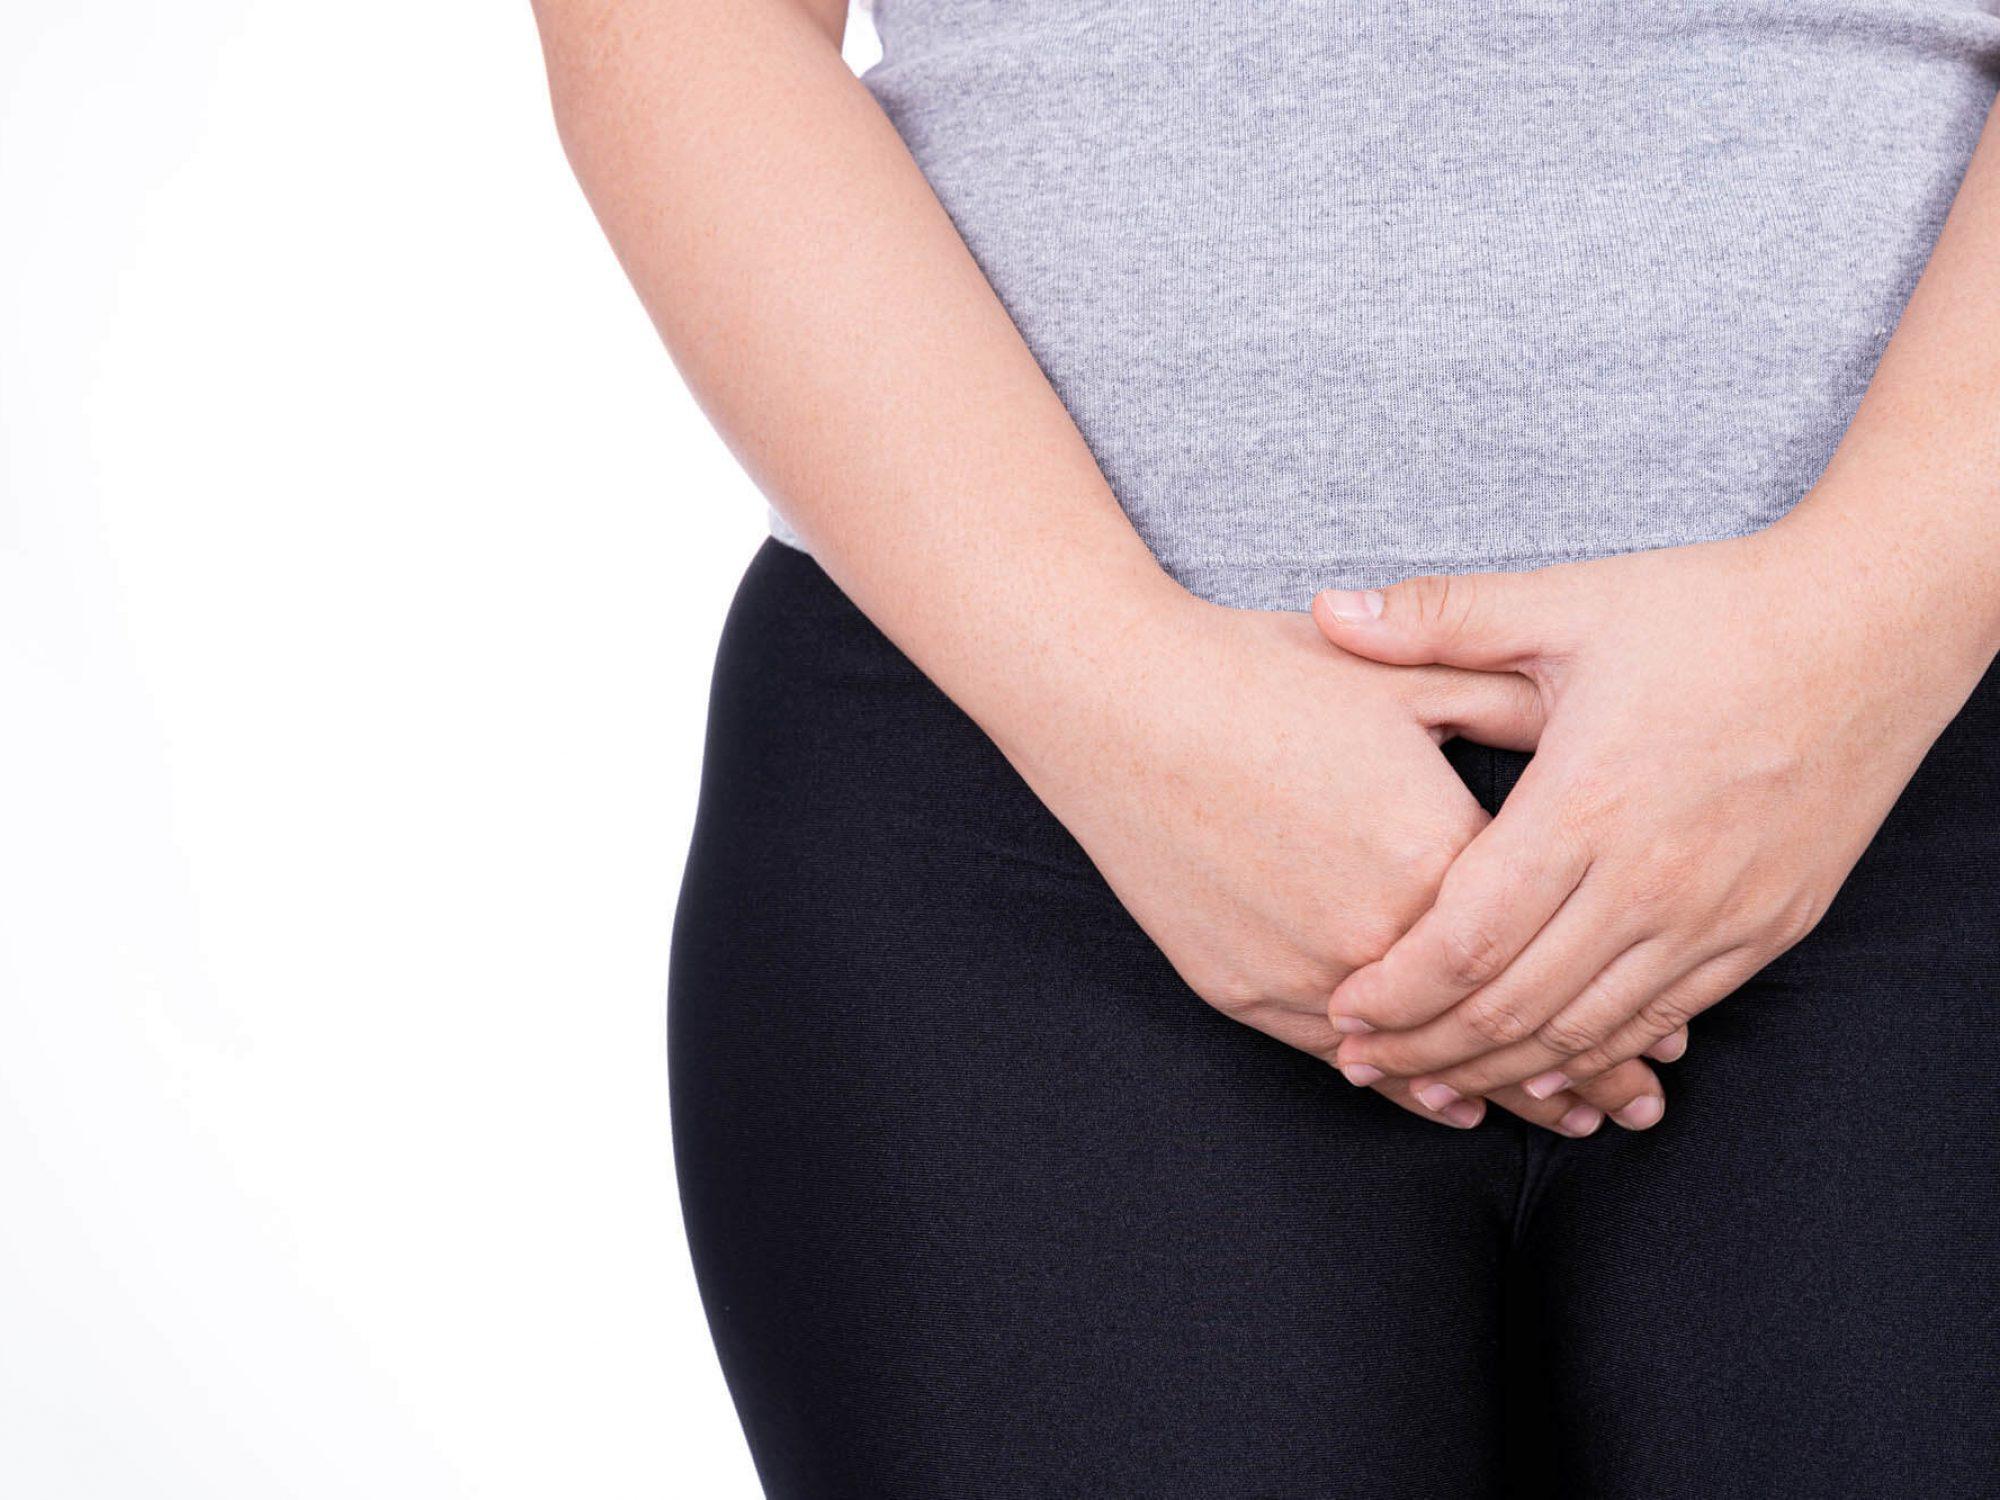 תסמונת השחלות הפוליצסטיות והניתוח הבריאטרי